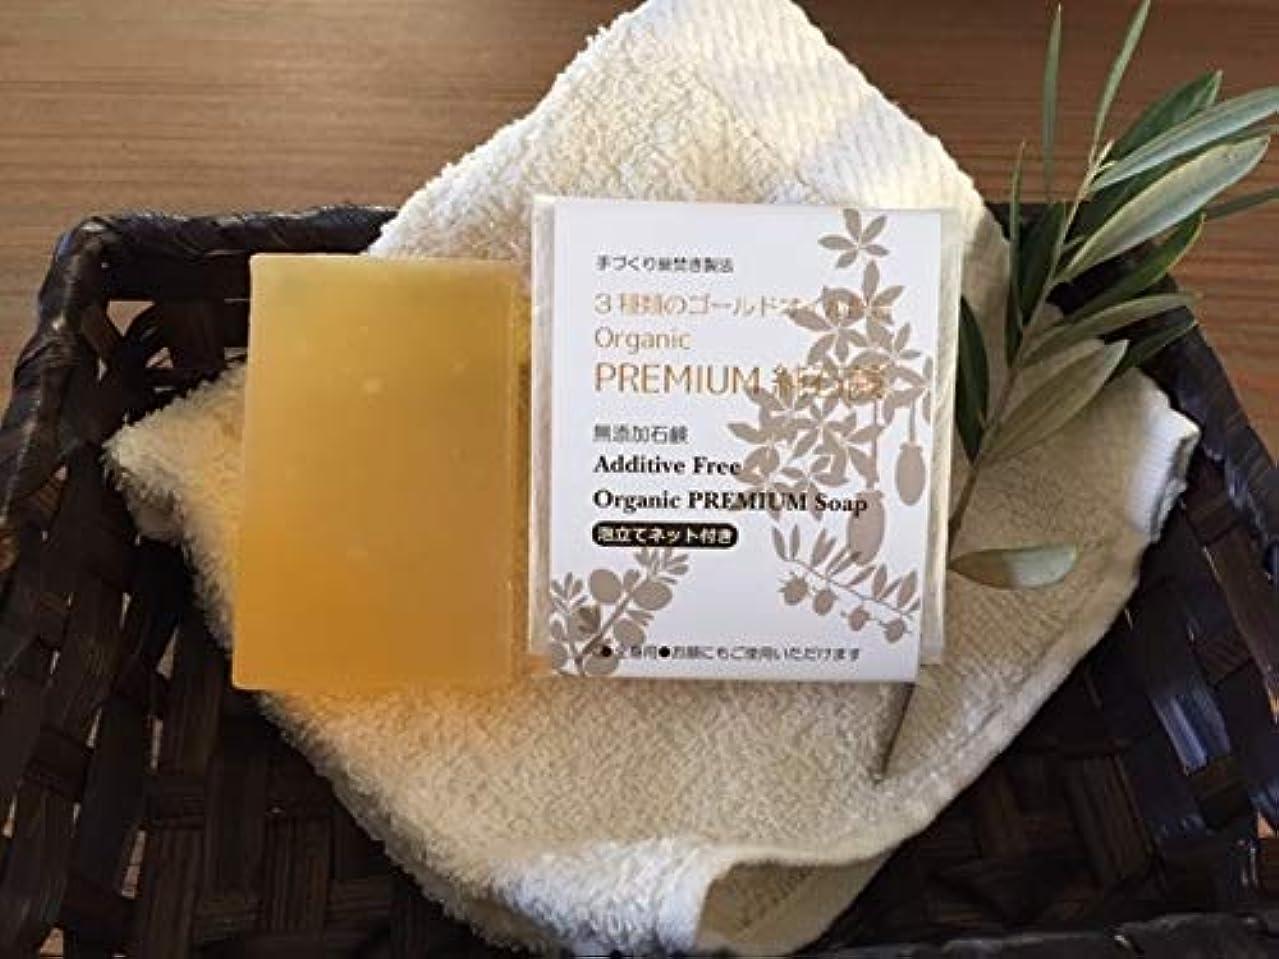 娯楽知的バンケット手づくり釜焚き石鹸 Organic PREMIUM 純石鹸 130gバス用ジャンボサイズ 『3種の未精製 ゴールドオイル配合』 3種類の有機栽培ゴールドオイルをたっぷり配合したプレミアム処方です